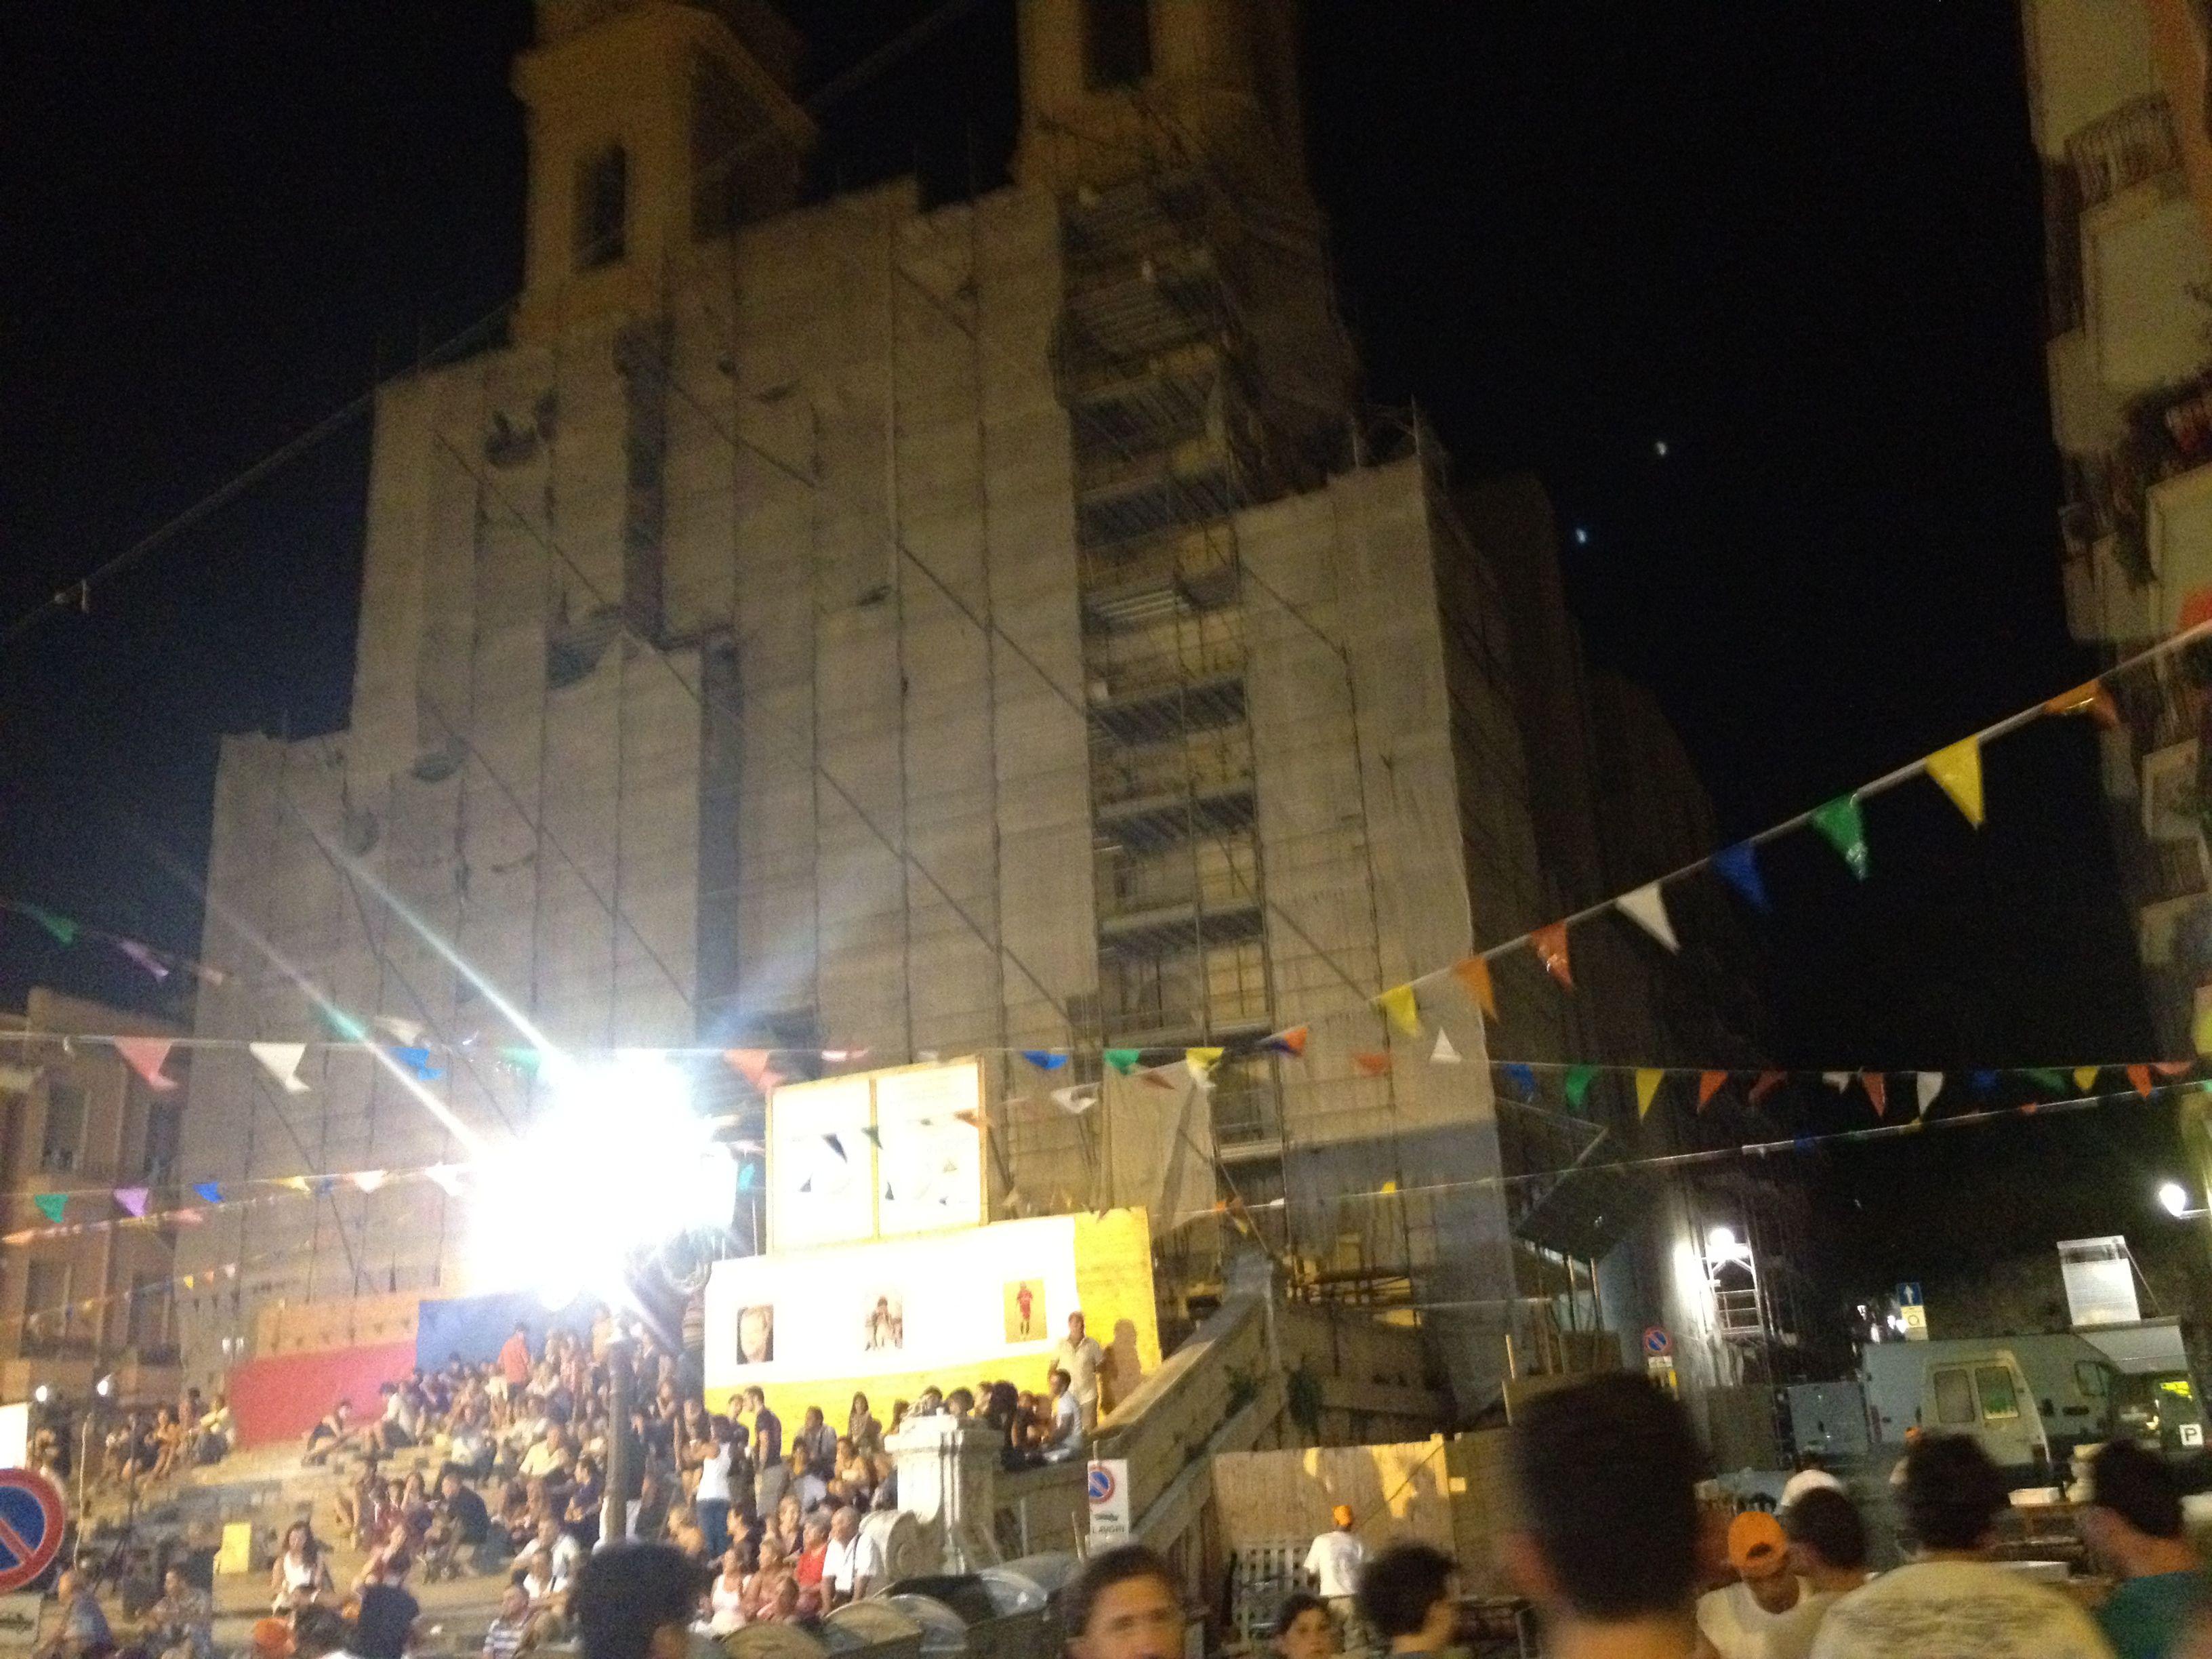 Festa di Stampace - Chiesa di Sant'Anna - 29/07/2012 - Cagliari